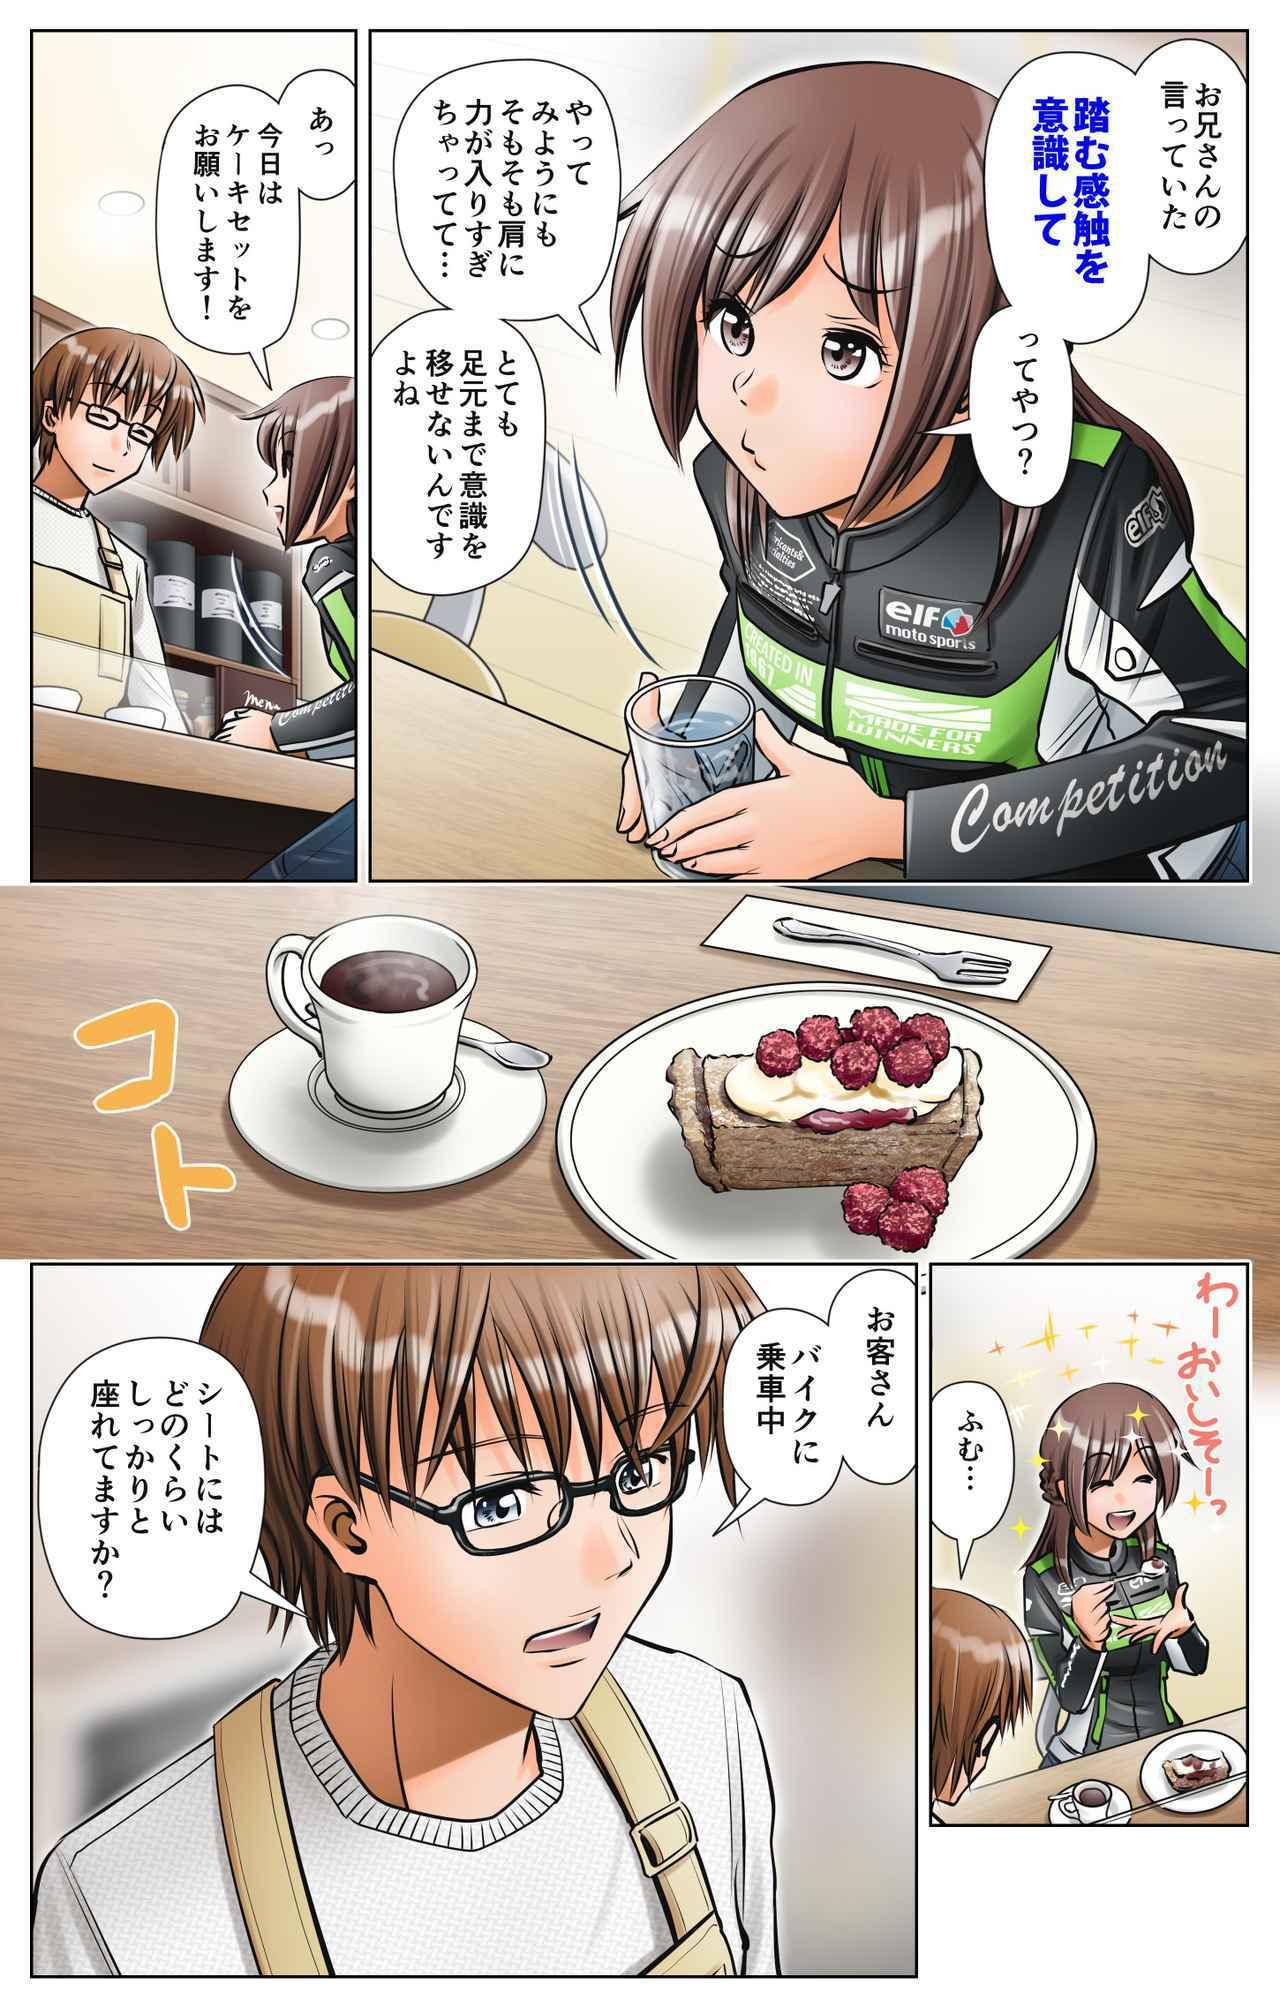 画像3: 第2話 腰をしっかりシートに据えよう/ゆる~くライテク談義『モトシーカーズ・カフェへようこそ!』